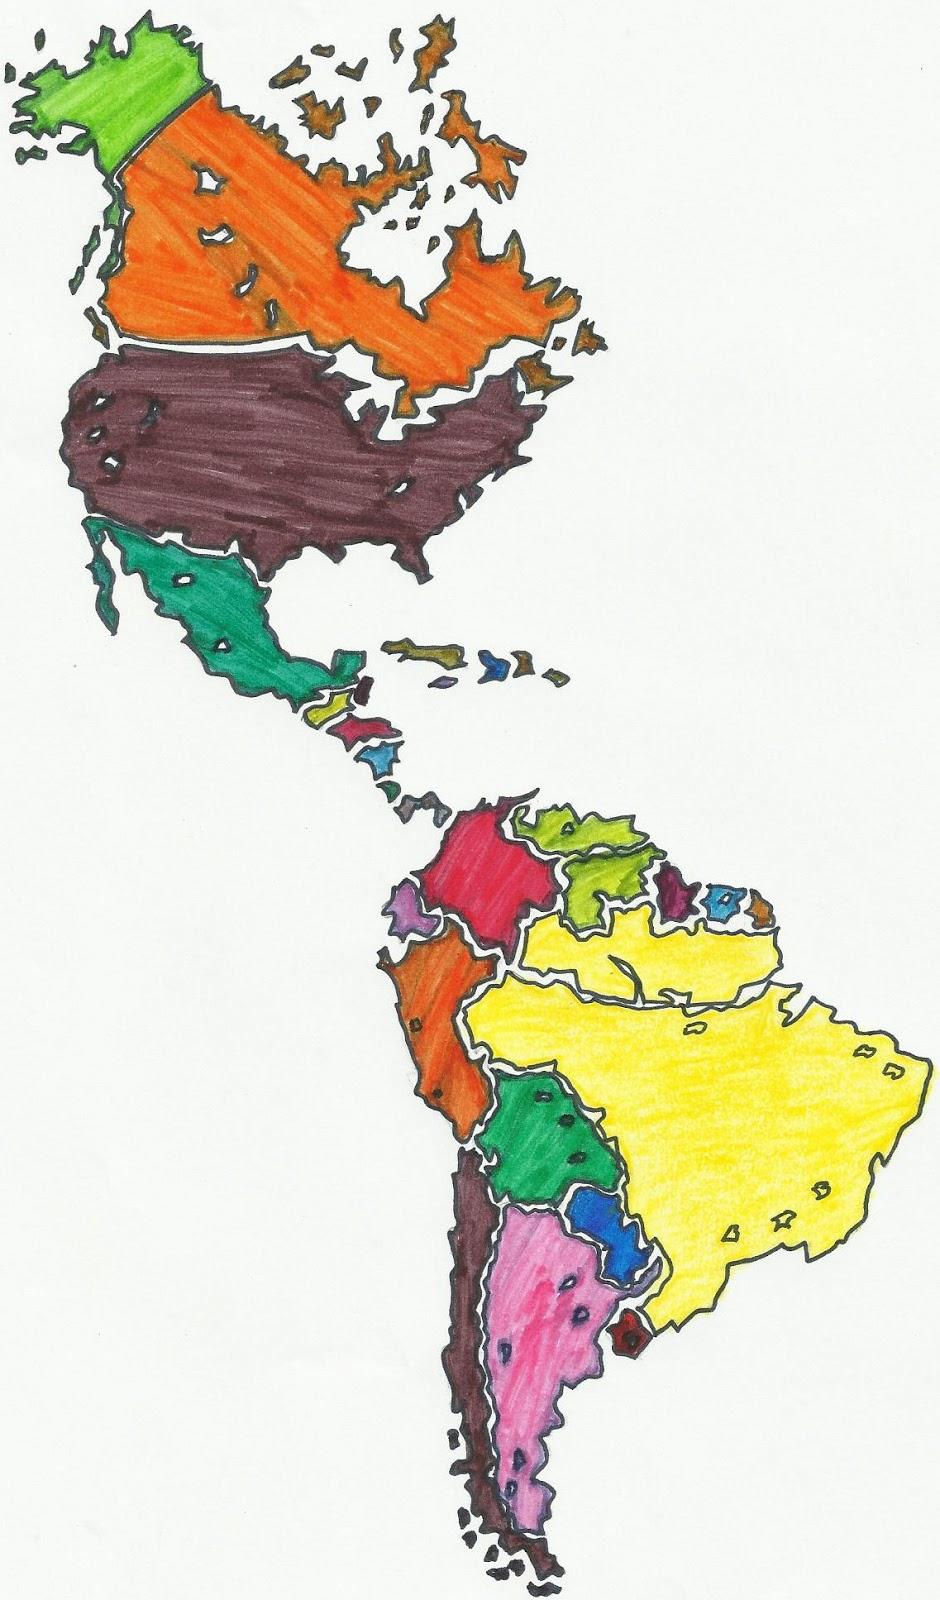 GEOGRAFIA DEL PERU Y EL MUNDODIBUJOSIMAGENES DIBUJOMAPA DEL